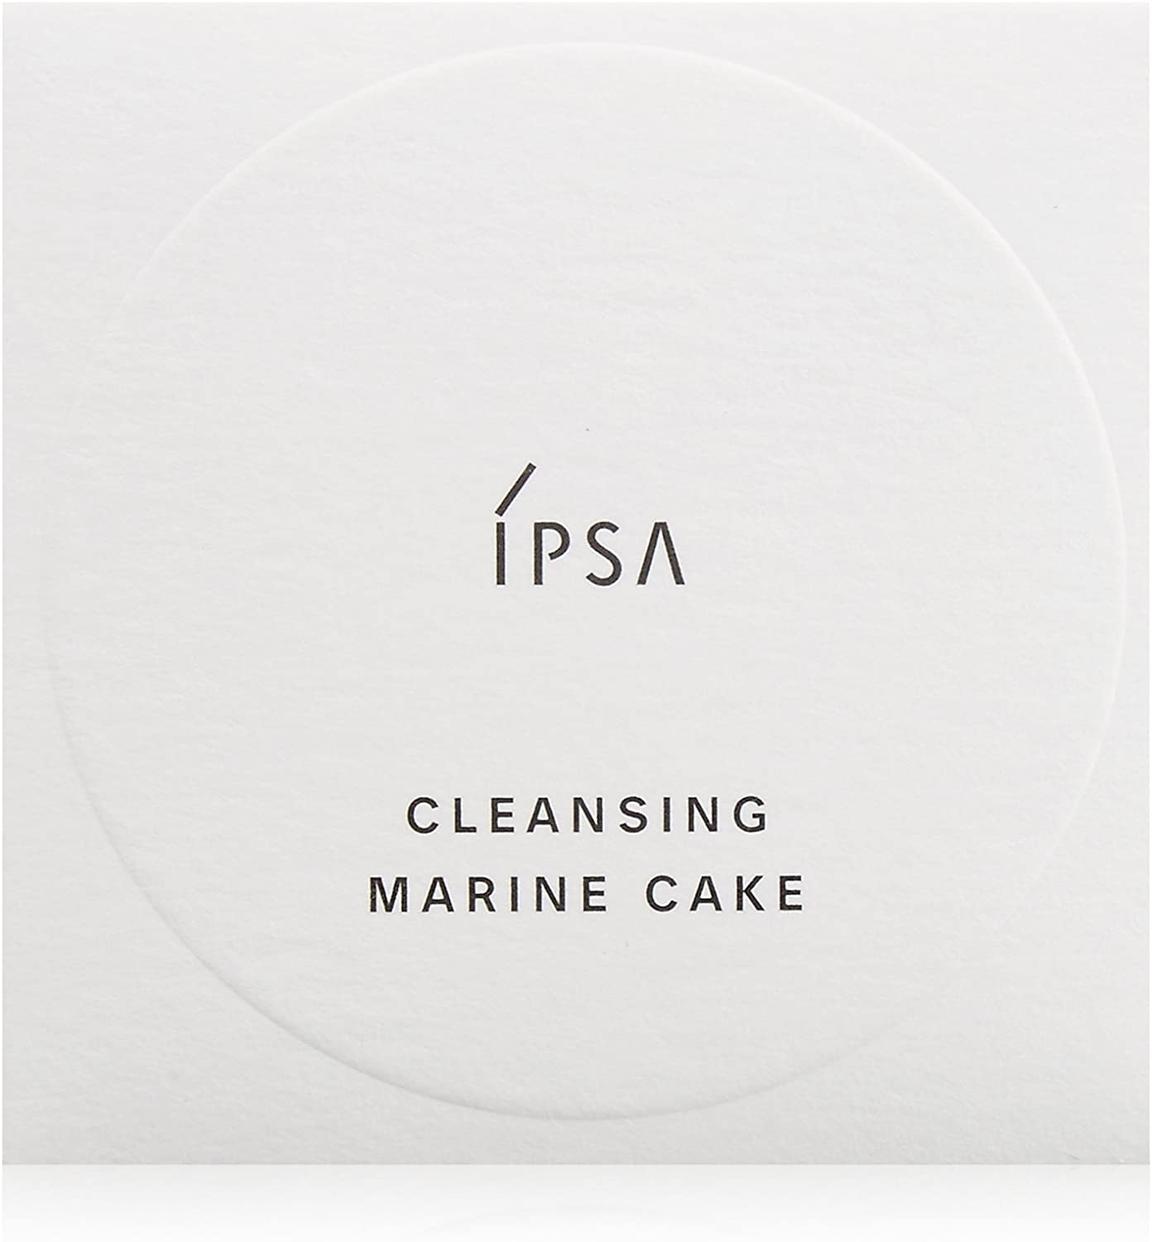 IPSA(イプサ)クレンジング マリンケイク